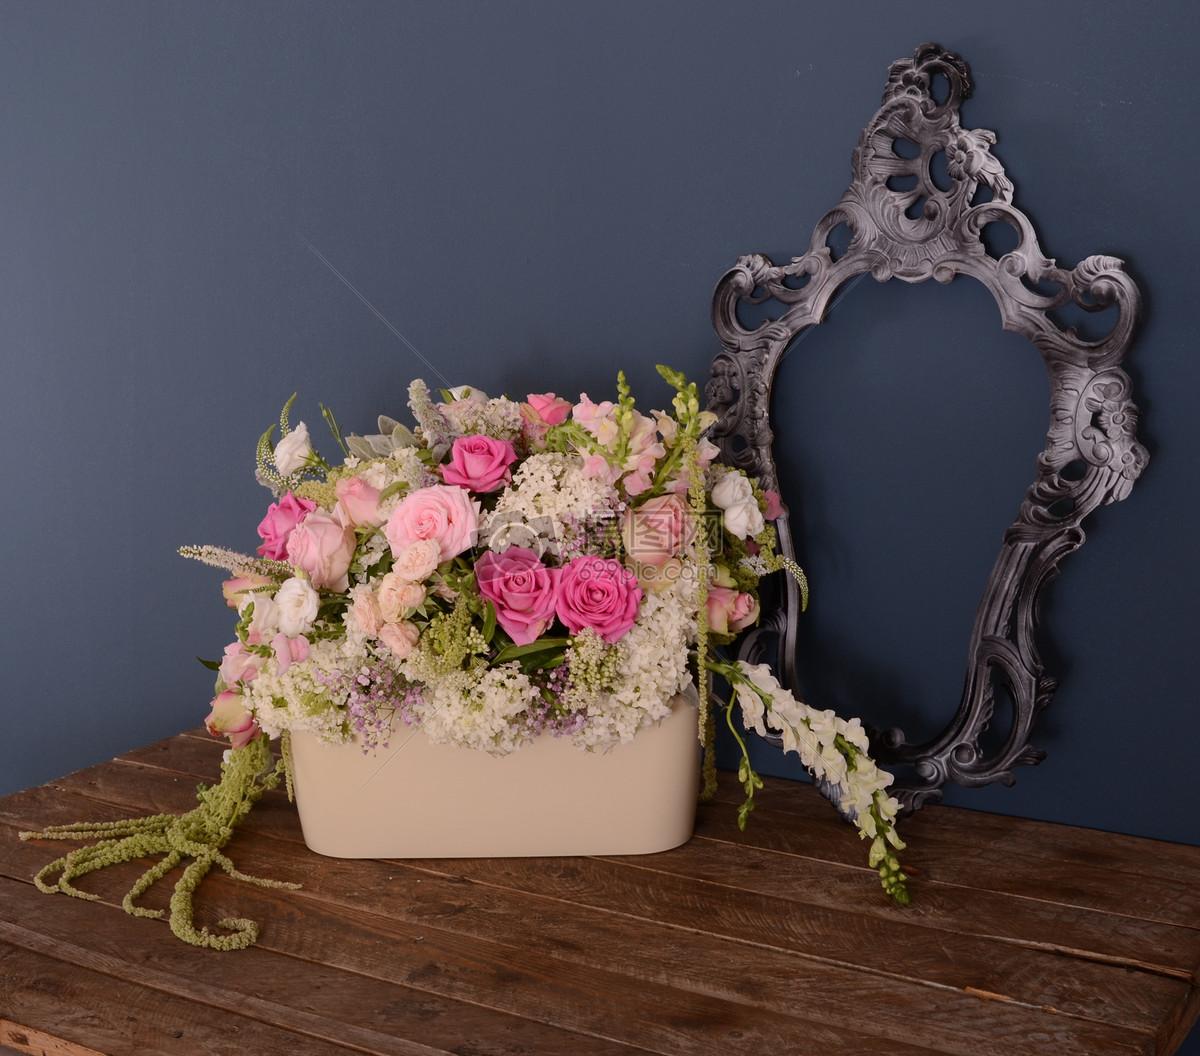 鲜花花束摄影图片免费下载_花草树木图库大全_编号-摄图片